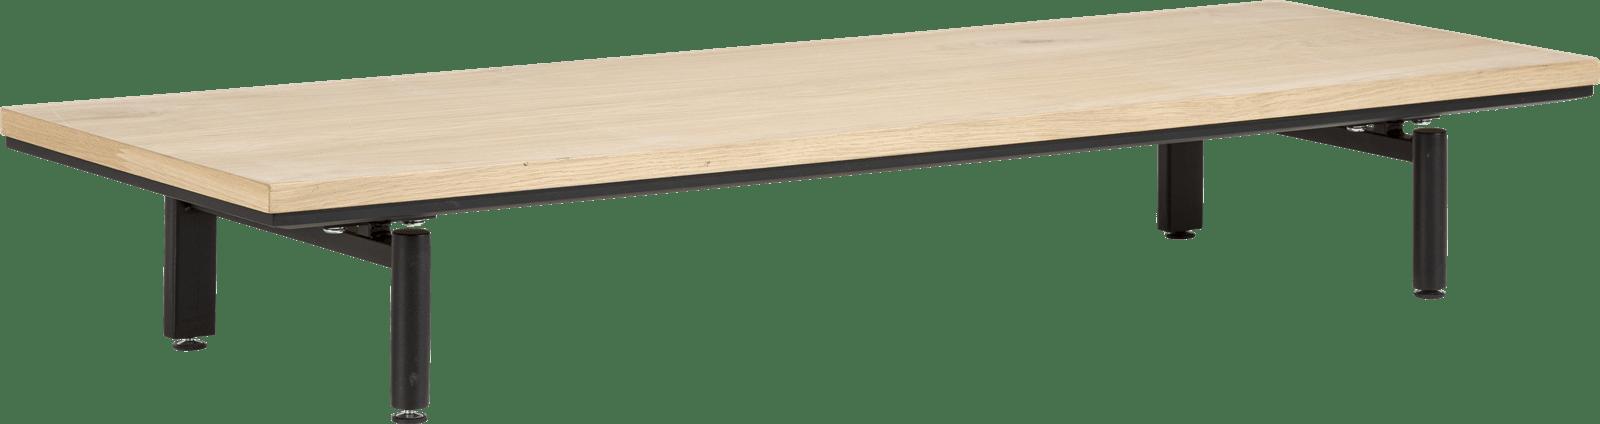 XOOON - Elements - Minimalistisch design - platform 130 cm. incl. 2 metalen poten